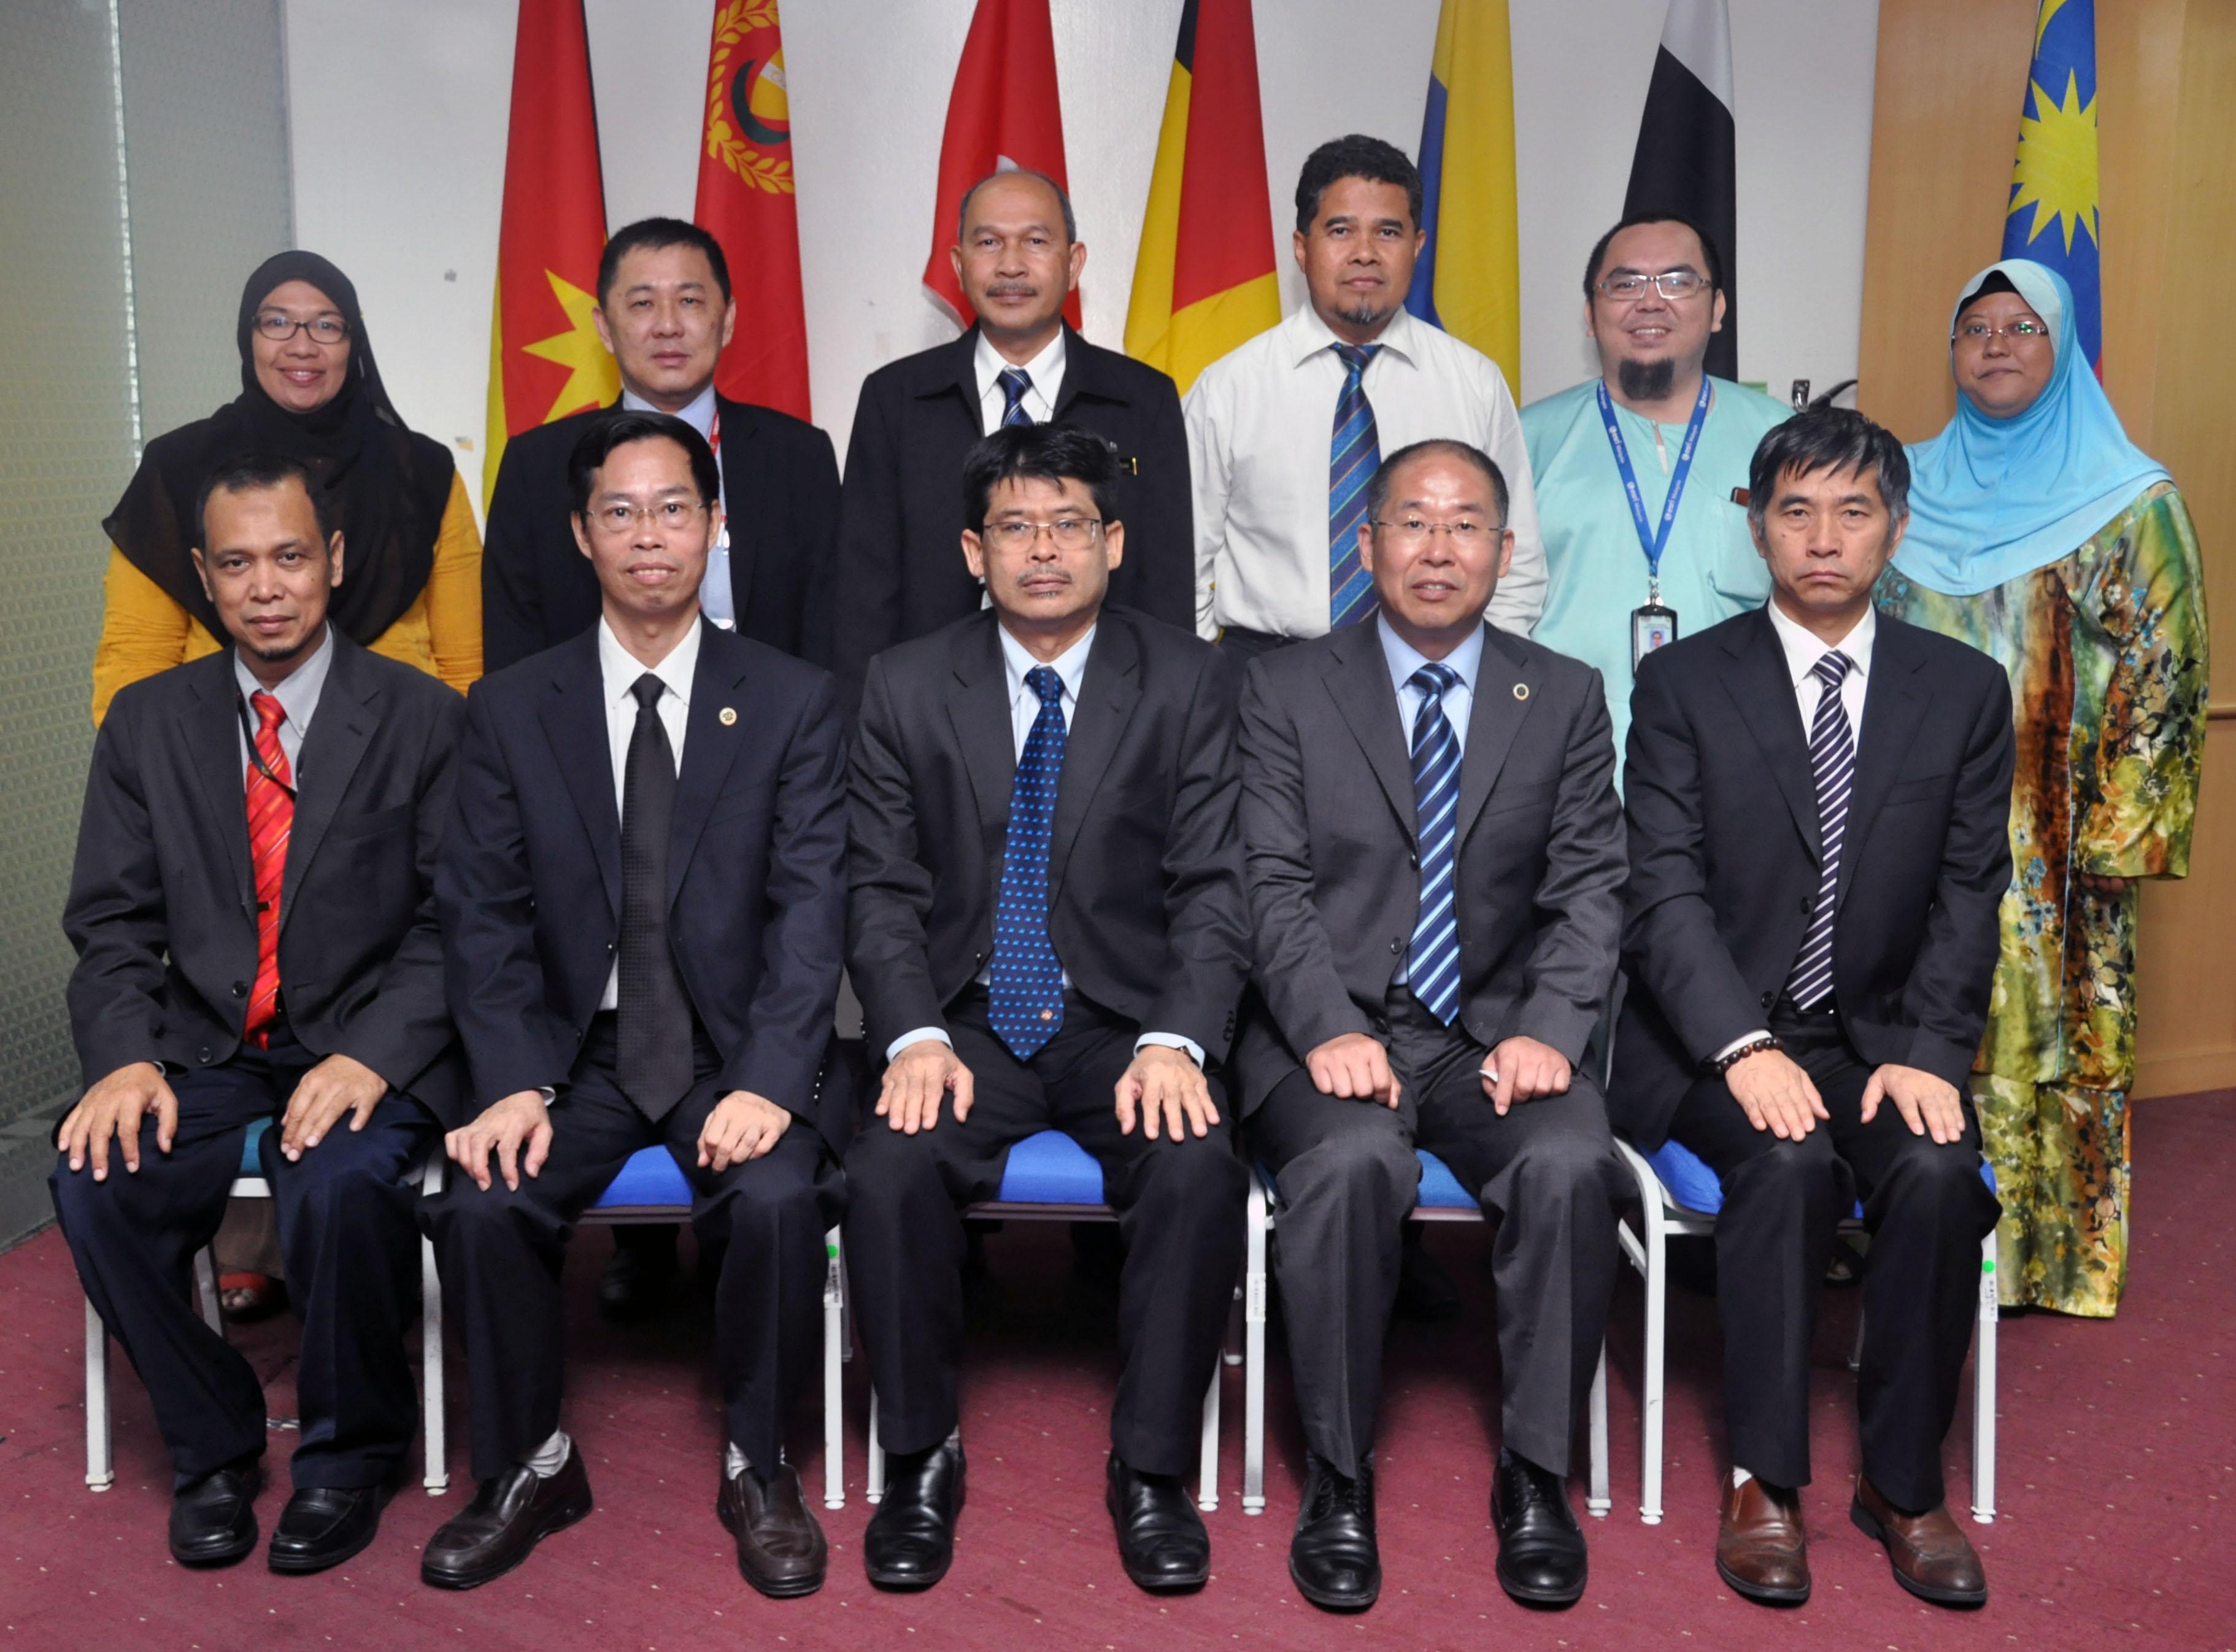 Lawatan Delegasi China Geological Survey (CGS) ke Ibu Pejabat JMG